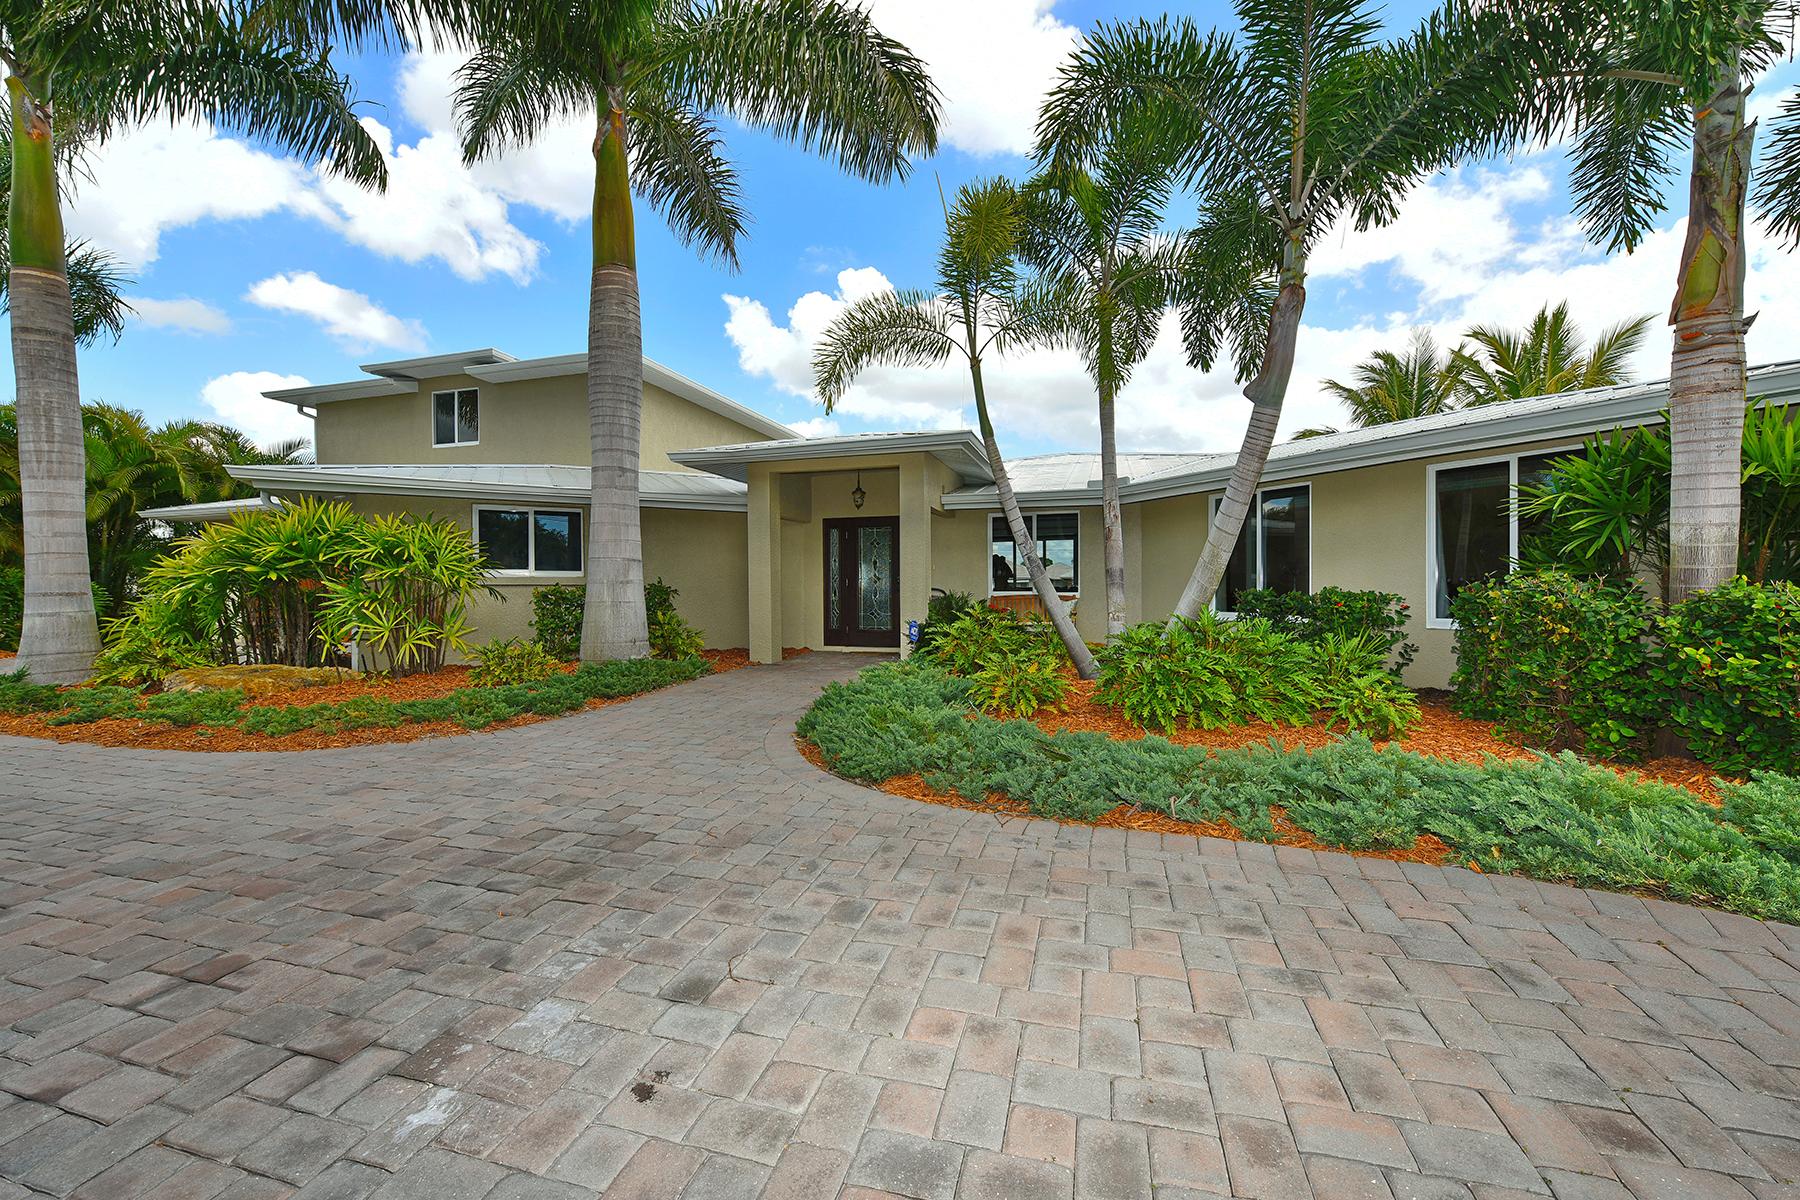 Maison unifamiliale pour l Vente à SORRENTO SHORES 108 Tina Island Dr Osprey, Florida 34229 États-Unis